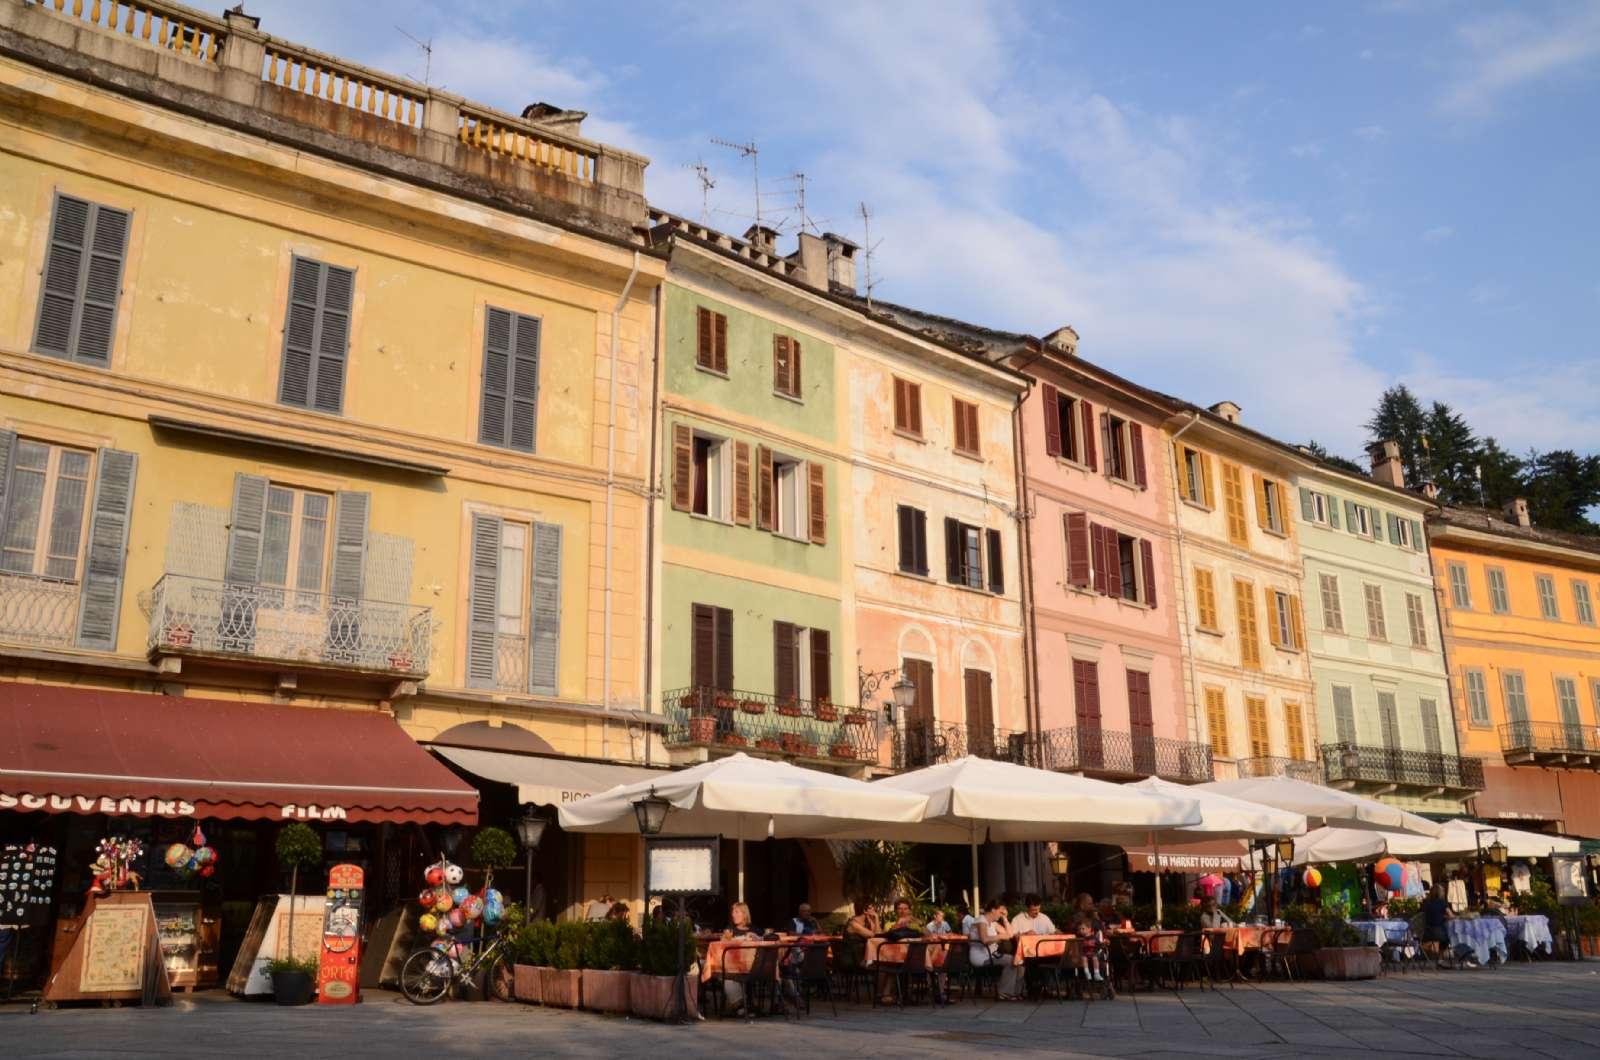 Piazza Motta avec cafés, restaurants et boutiques